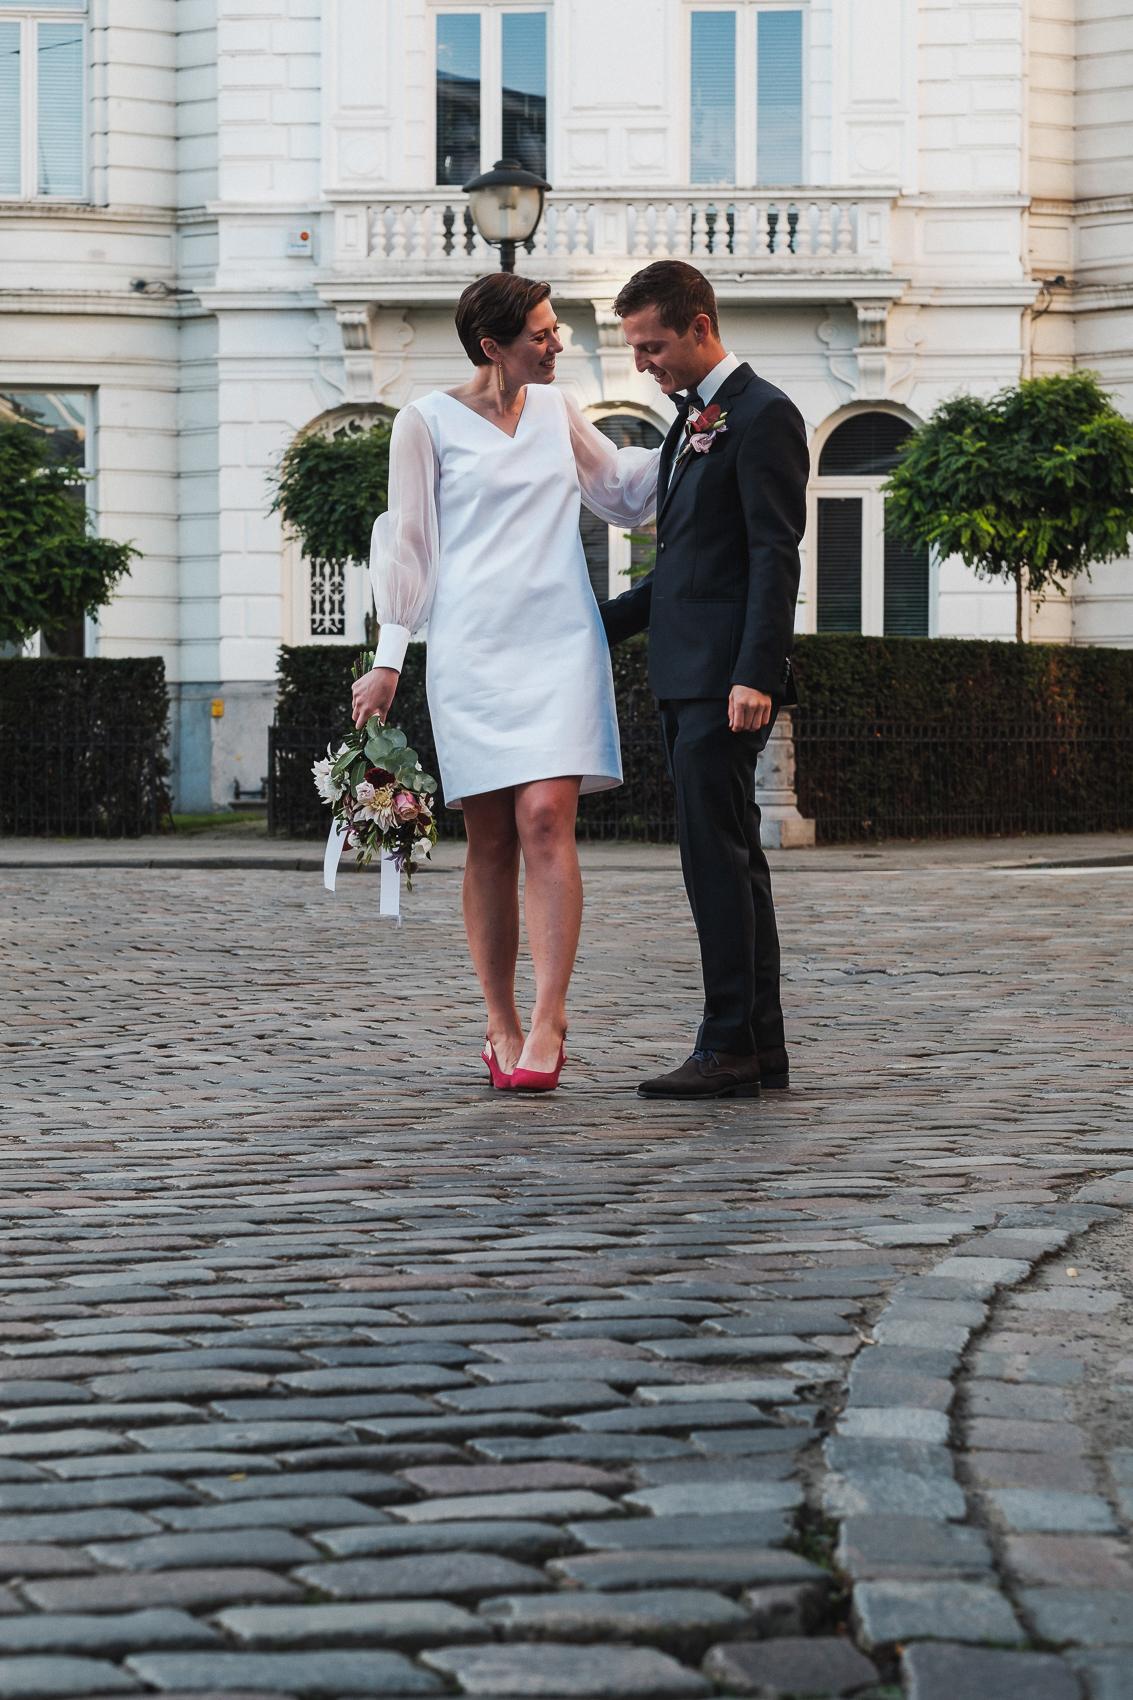 iso800 - huwelijksfotograaf Jacinth en Jens Antwerpen-11.jpg